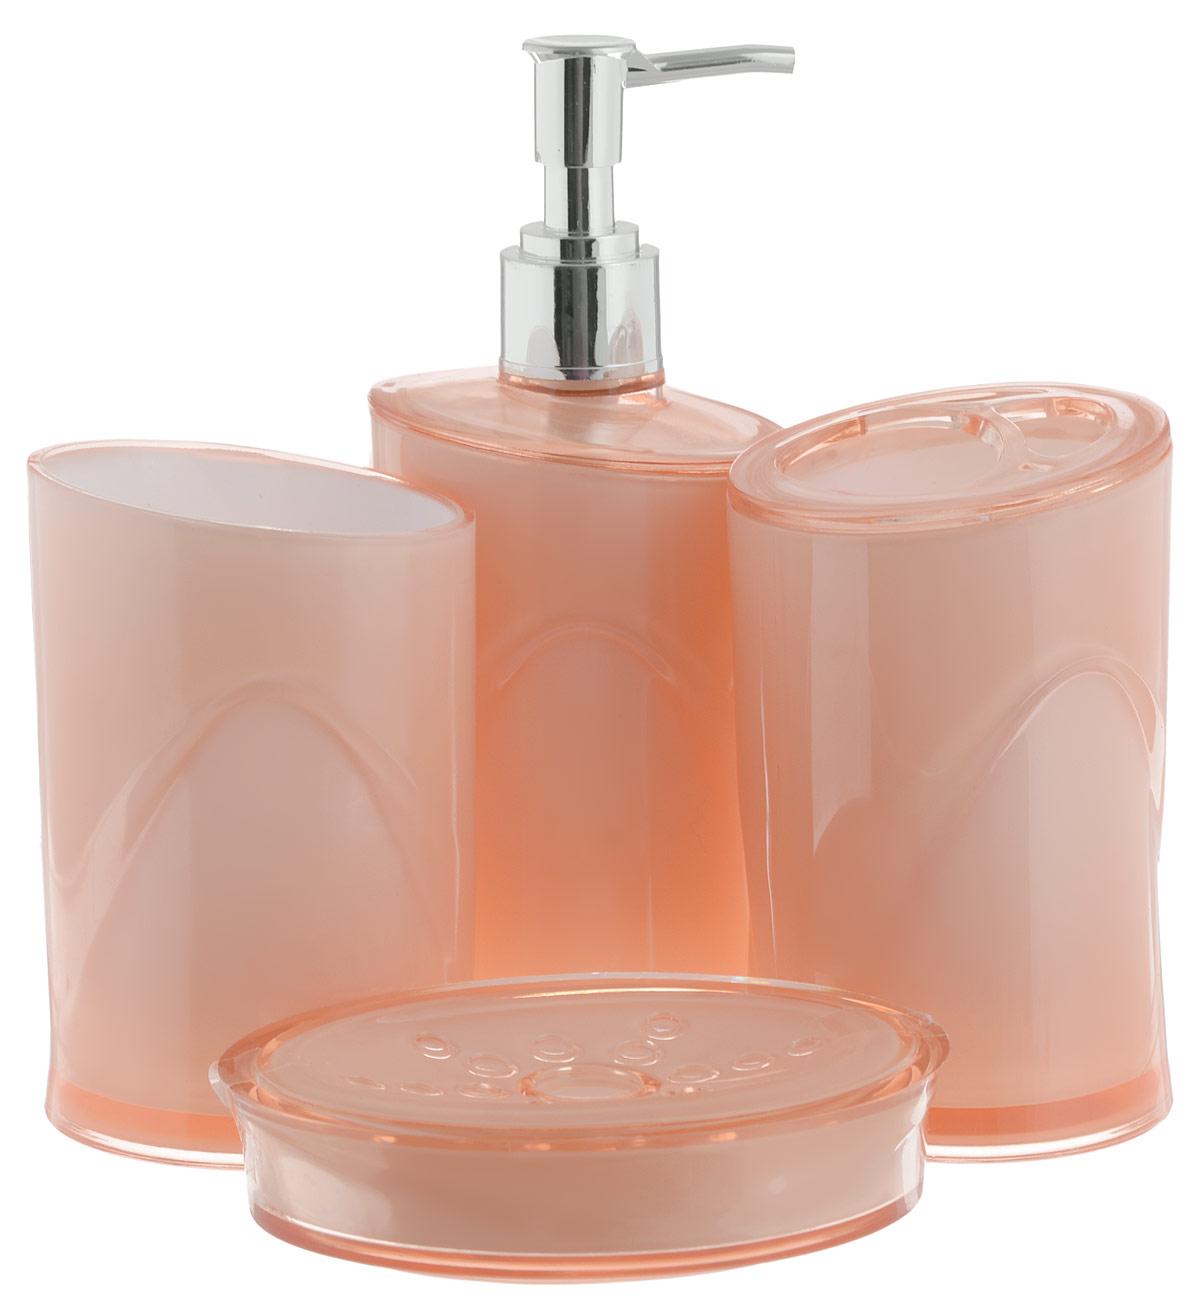 Набор для ванной комнаты Indecor, цвет: бежевый, 4 предметаIND053bНабор для ванной комнаты Indecor состоит из стакана, стакана для зубных щеток, дозатора для жидкого мыла и мыльницы. Стаканы, дозатор и мыльница изготовлены из высококачественного пластика. Аксессуары, входящие в набор Indecor, выполняют не только практическую, но и декоративную функцию. Они способны внести в помещение изысканность, сделать пребывание в нем приятным и даже незабываемым. Размер стаканов: 7 х 7 х 11 см. Объем стаканов: 300 мл. Размер дозатора: 7 х 7 х 17,5 см. Объем дозатора: 300 мл. Размер мыльницы: 11,5 х 9 х 3 см.